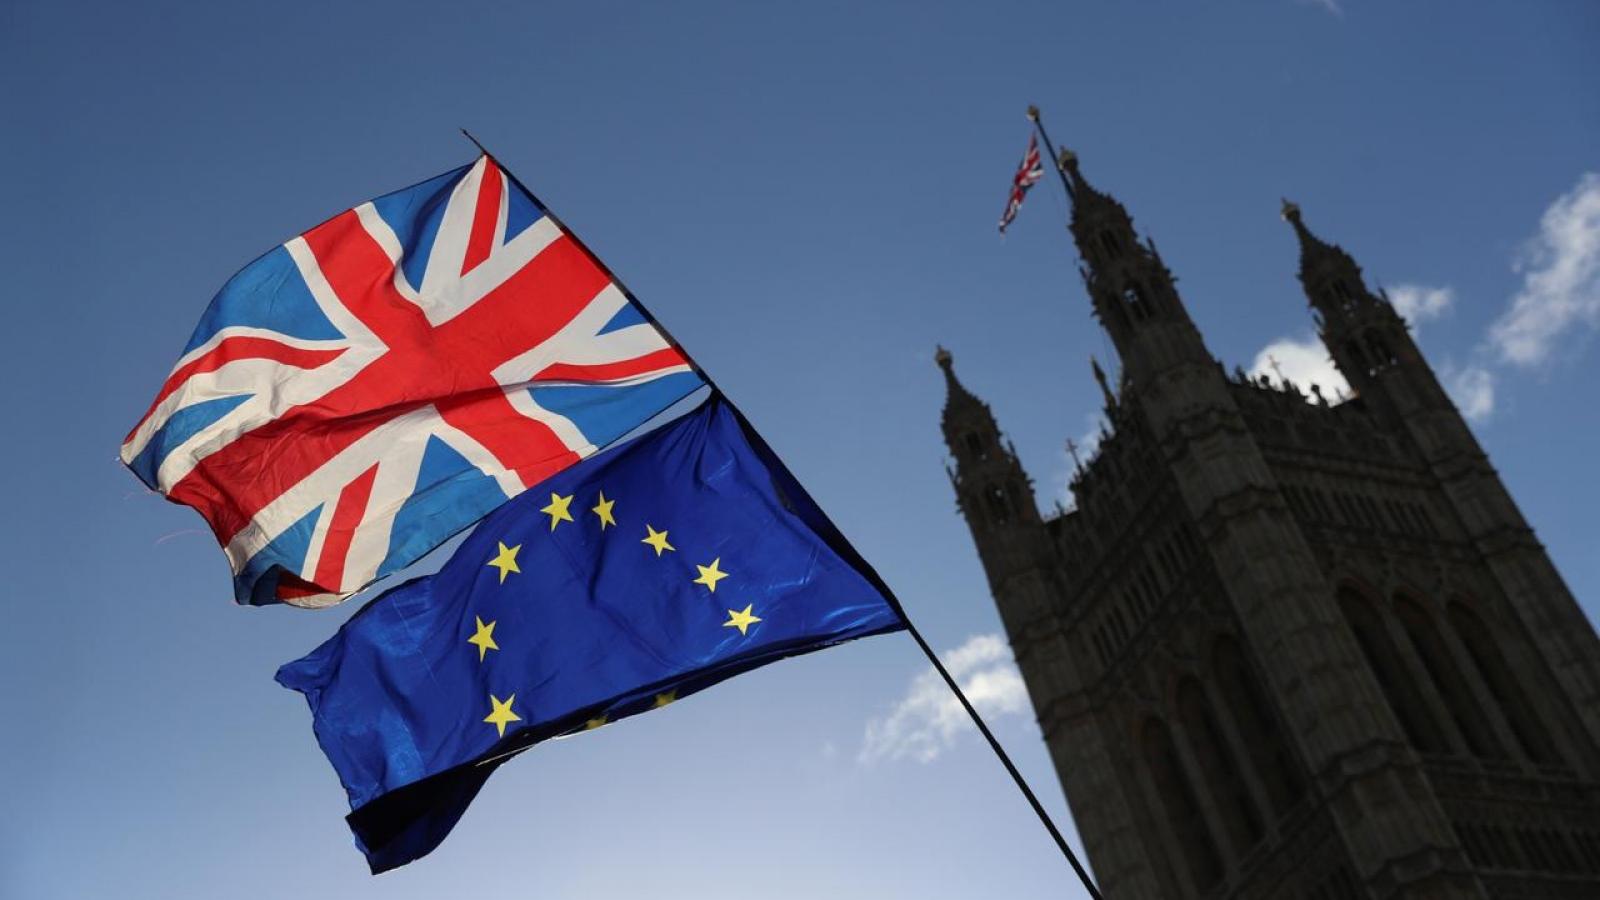 EU tiếp tục đe dọa trừng phạt nếu Anh cố tình phá vỡ thỏa thuận Brexit